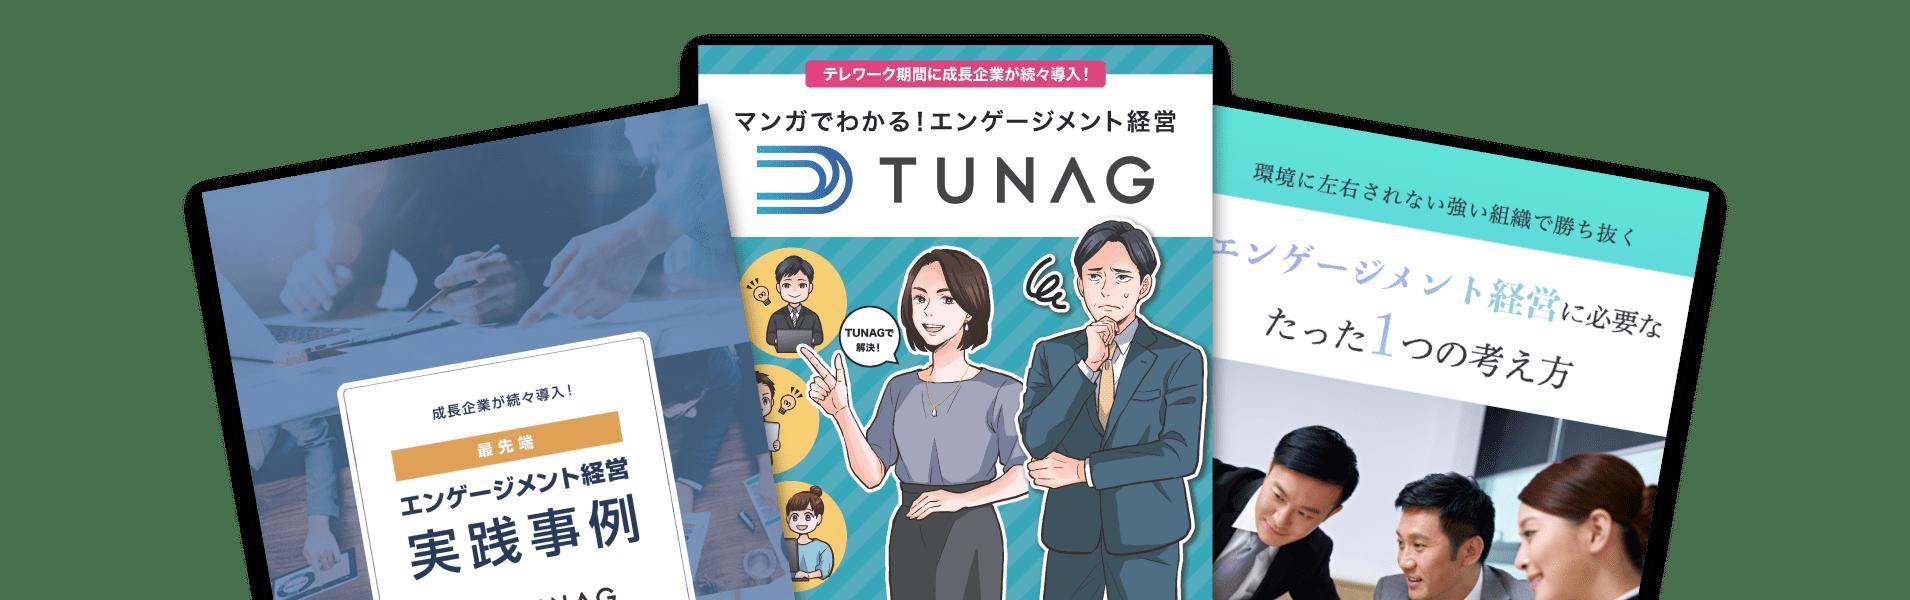 エンゲージメント経営がすぐにわかる TUNAG資料 3点セット